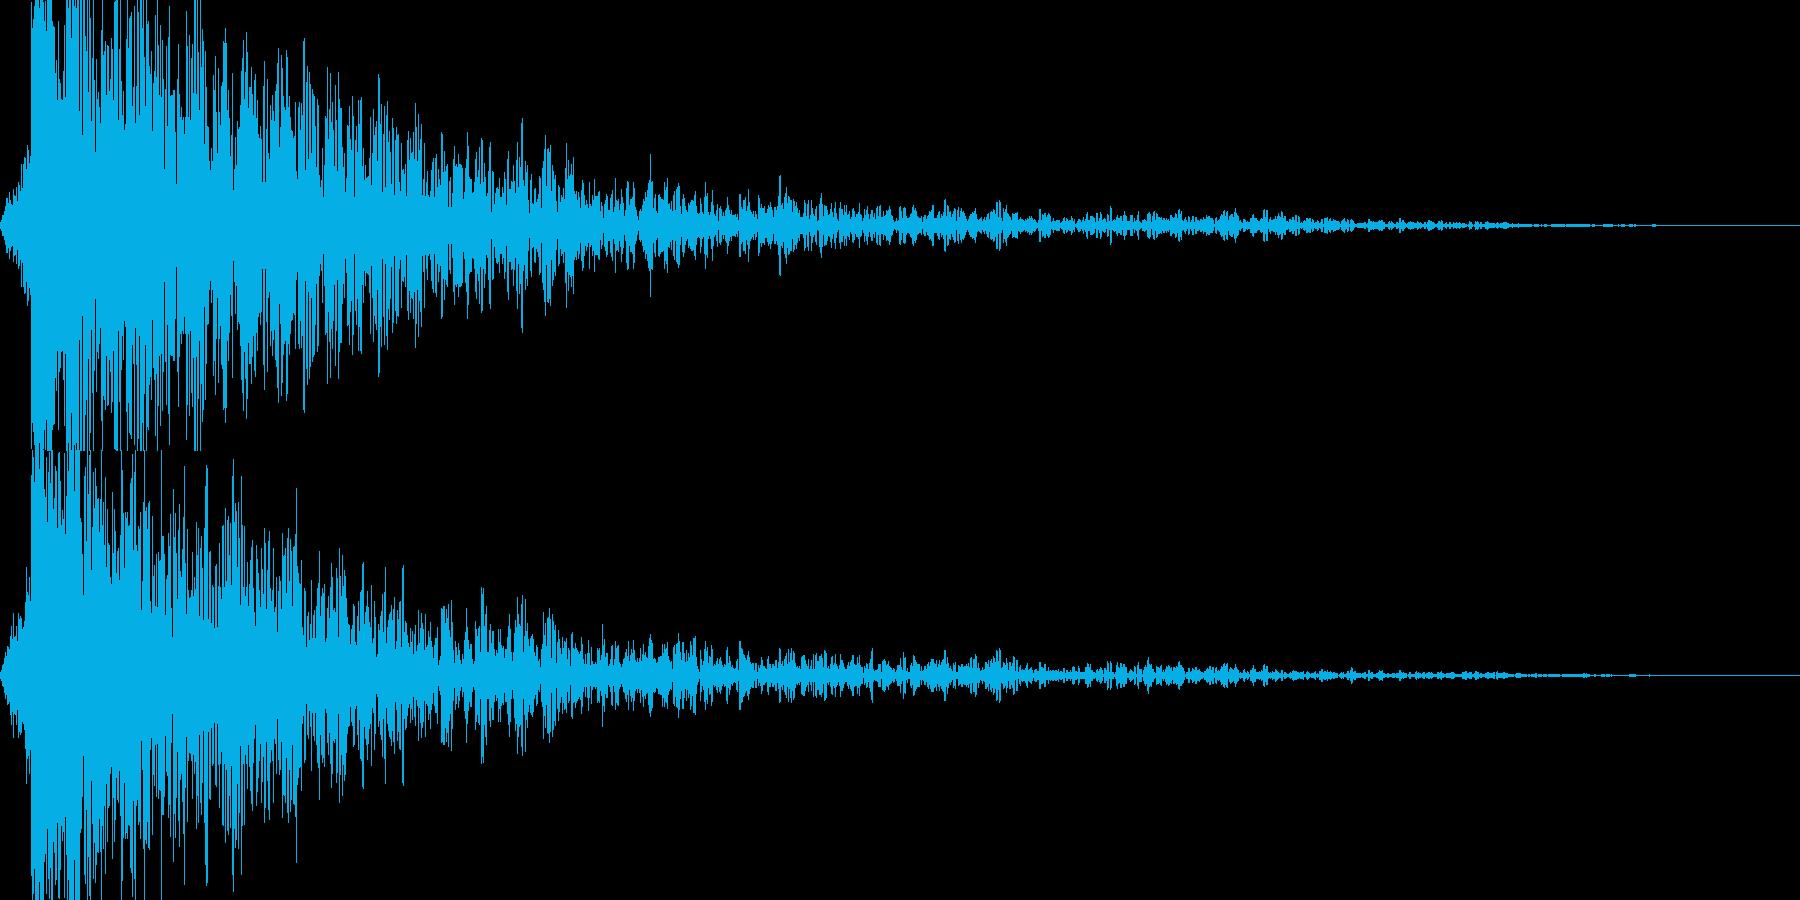 ヒュツ..ガーン!!!! 衝撃音の再生済みの波形